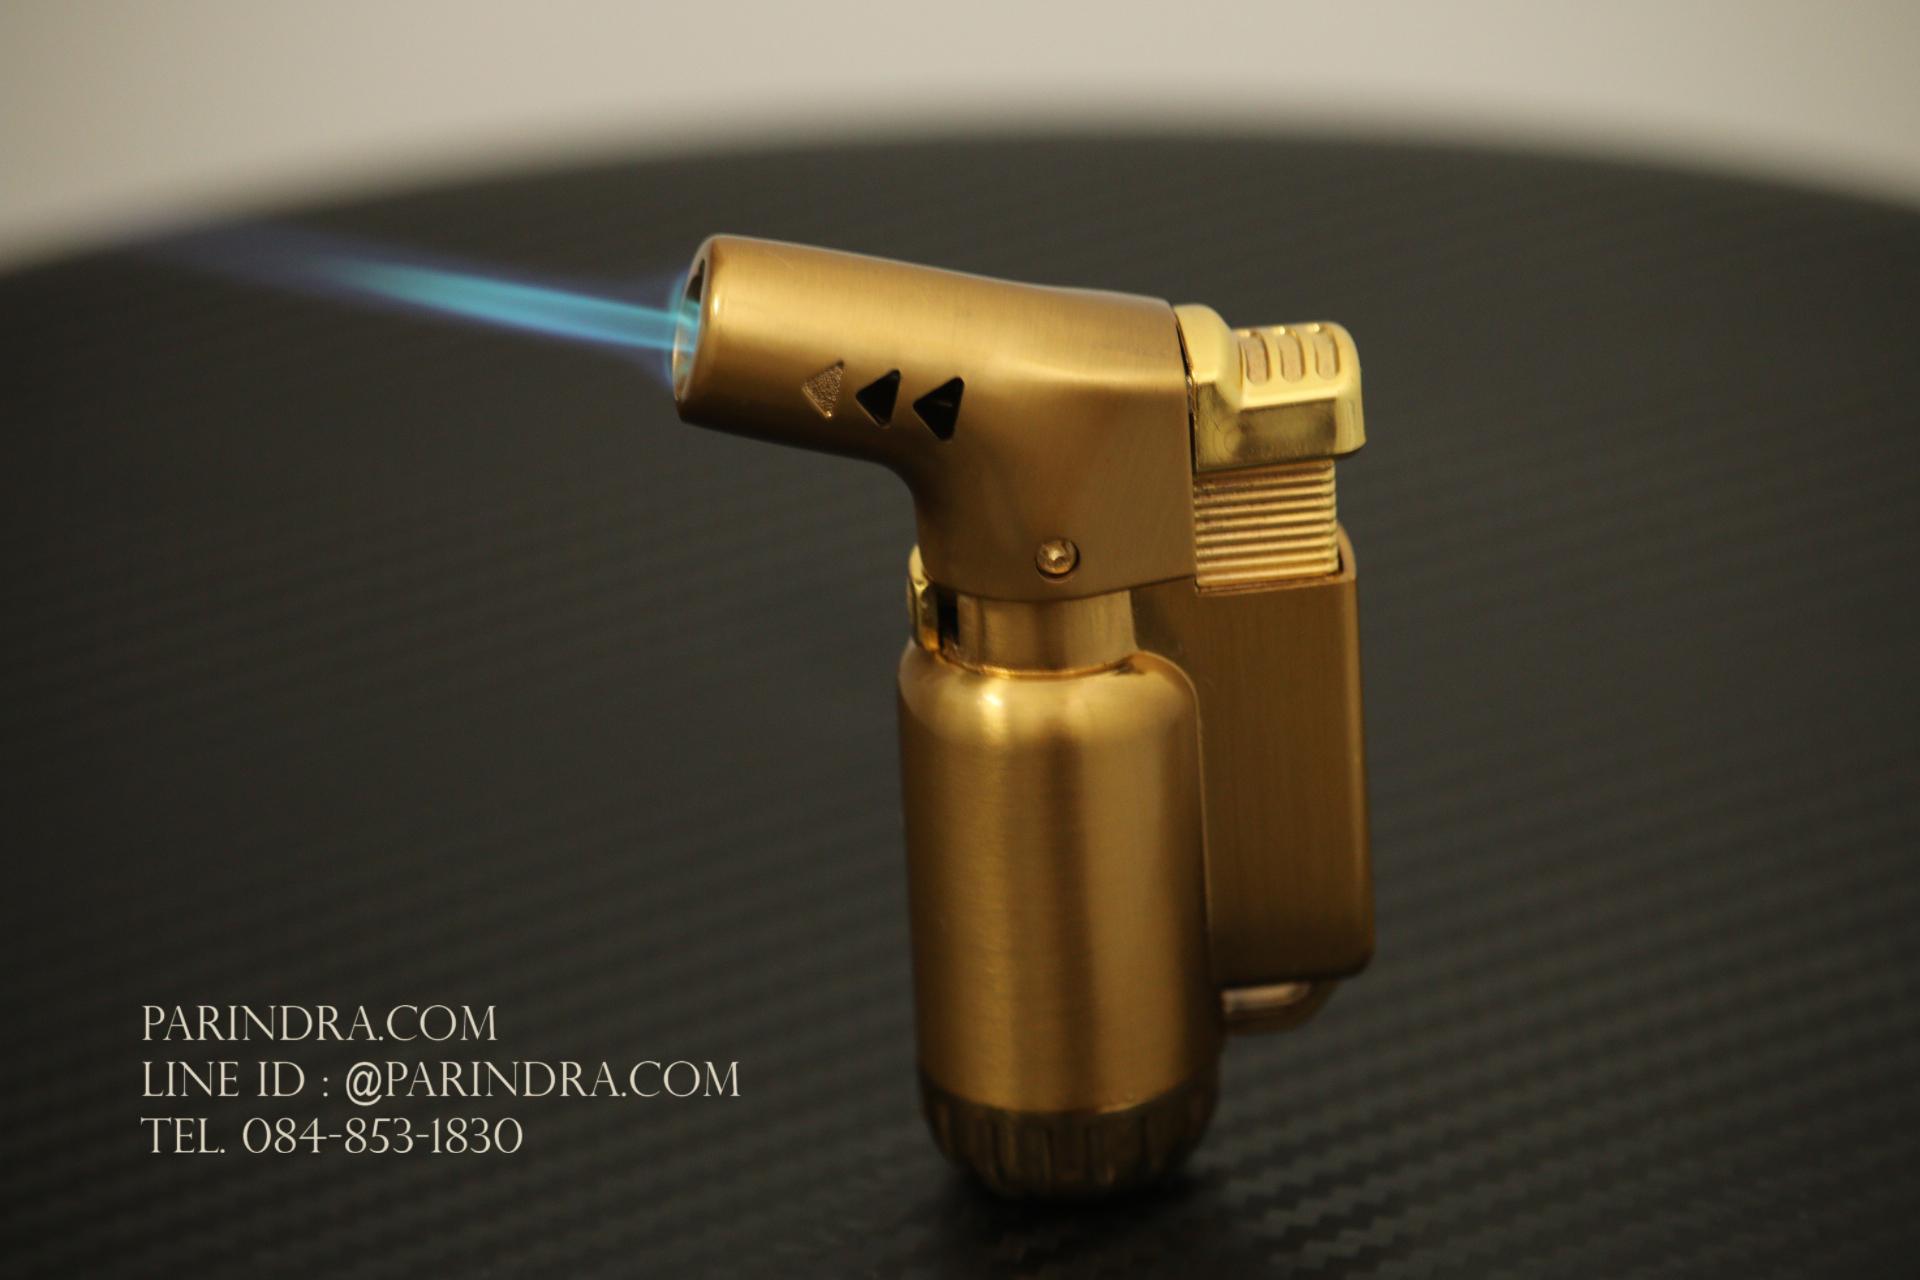 ไฟแช็คแก็ส Boku แคปซูลแบบบอดี้โลหะ ร้อนสูง 1300 องศาเซลเซียส สีทอง